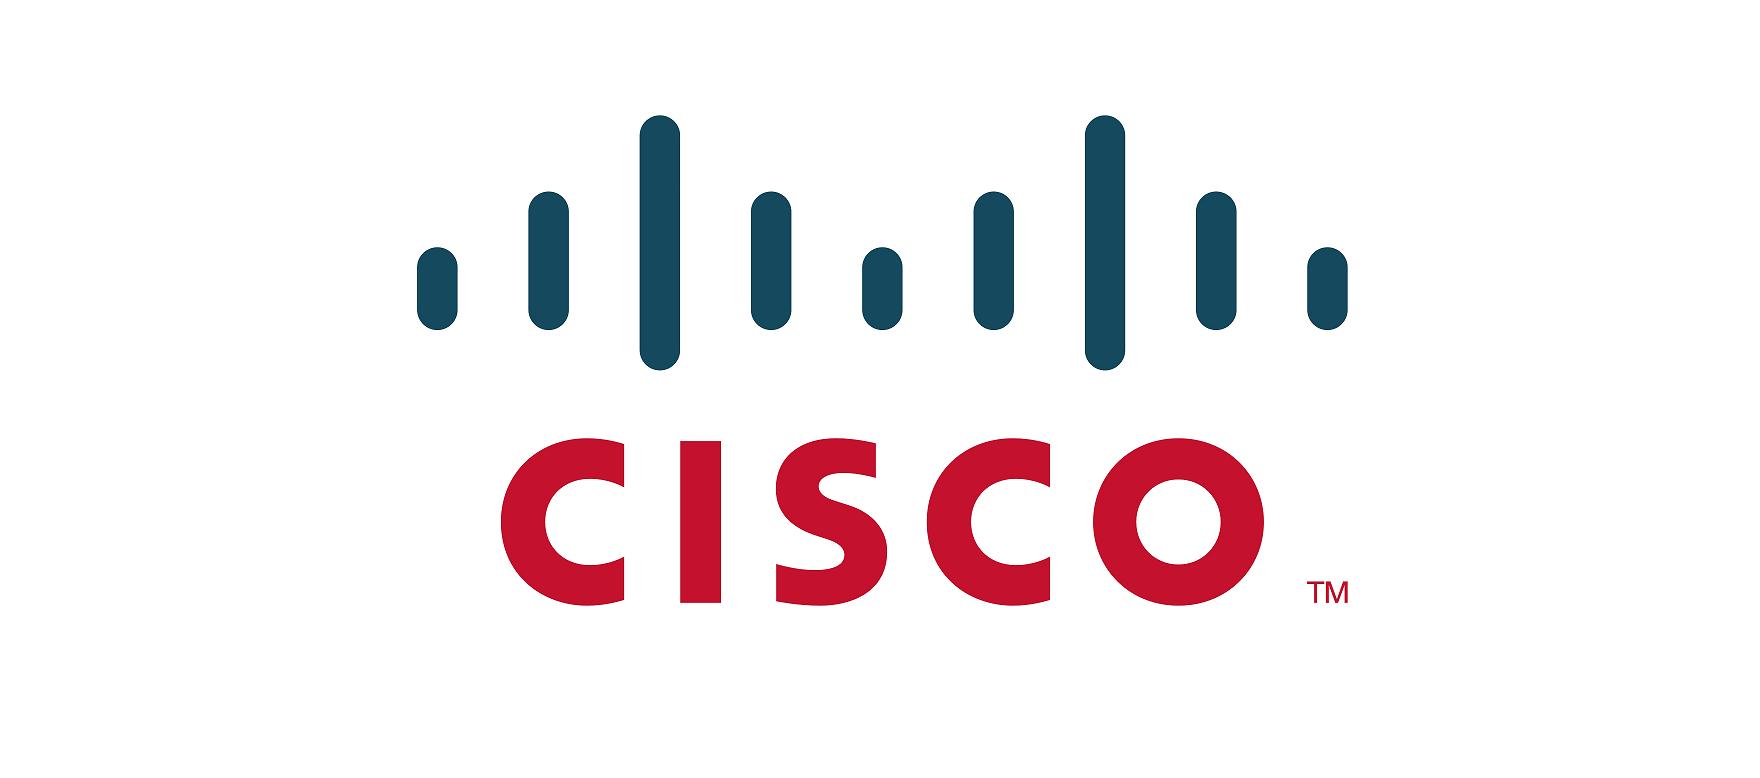 roastbrief-El-curioso-origen-de-Cisco-y-de-su-logo.png